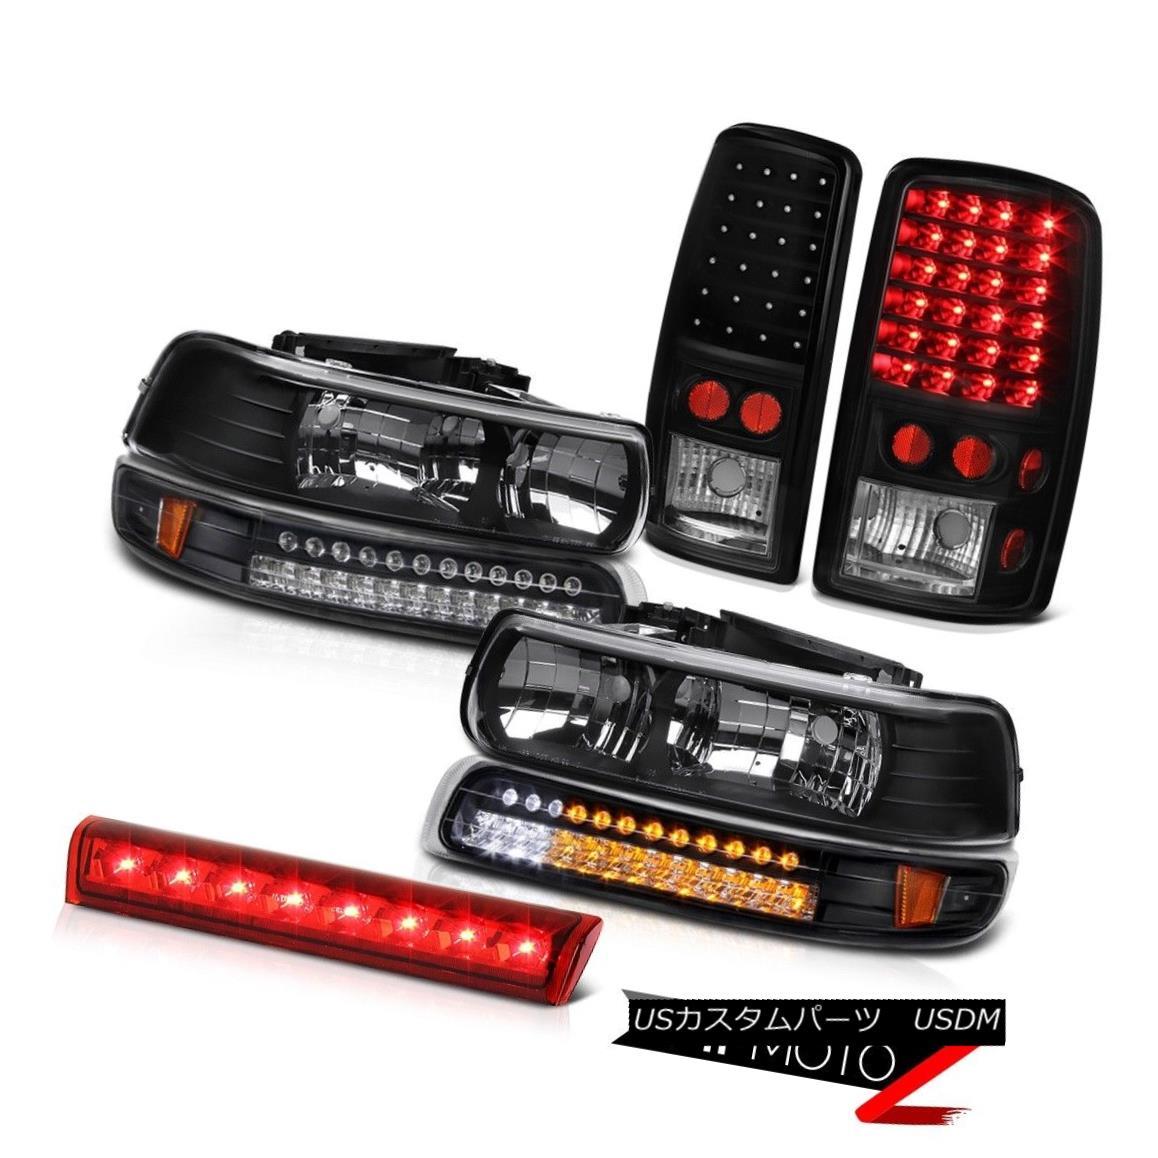 テールライト Left Right Headlights SMD Black LED Taillights 3rd Red 00 02 03 05 06 Tahoe 4.8L 左ライトヘッドライトSMDブラックLEDテールライト第3赤00 02 03 05 06タホ4.8L